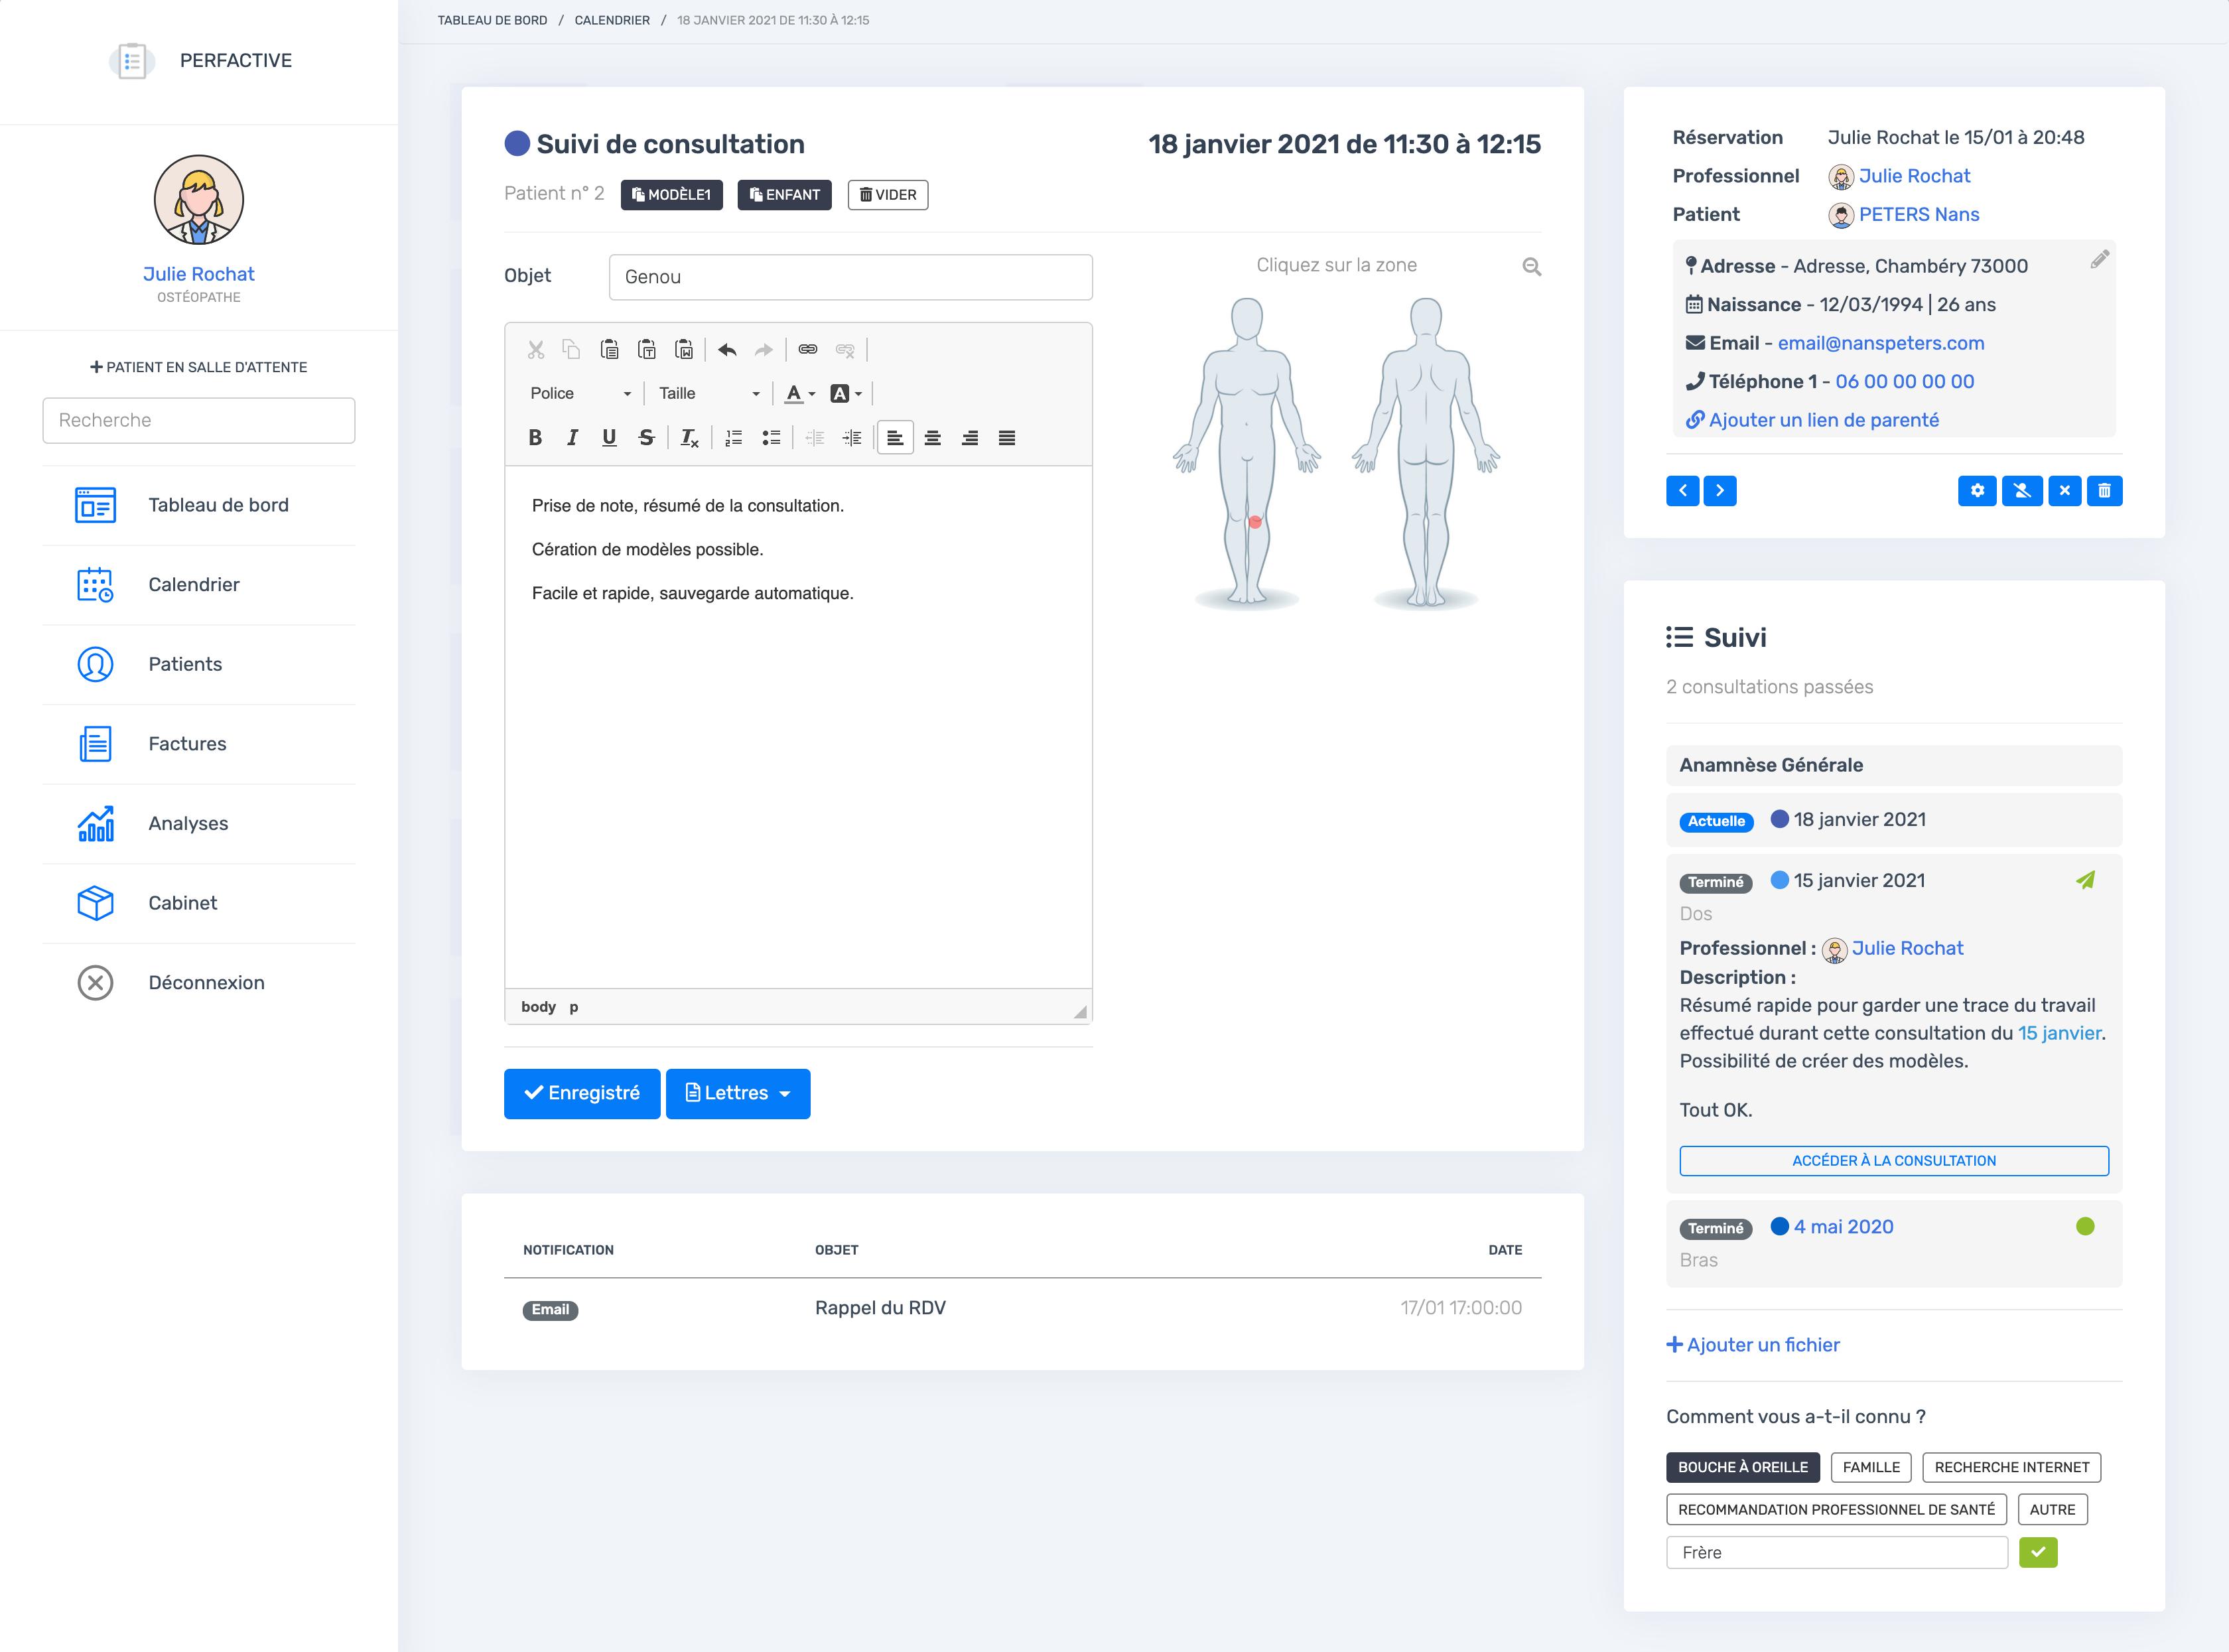 La page de consultation | PERFACTIVE